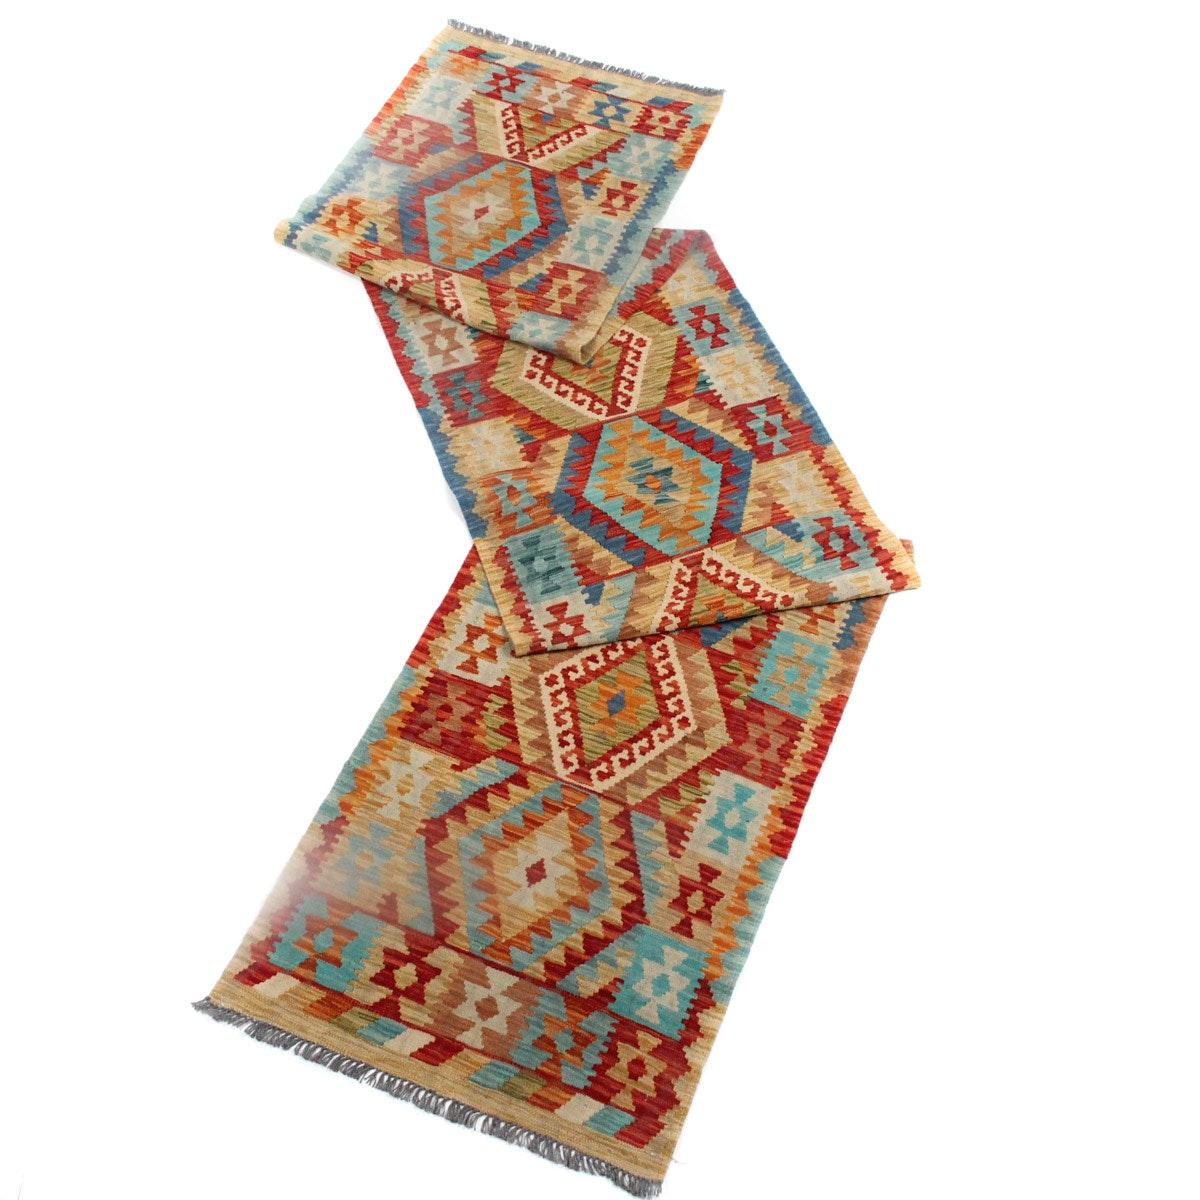 Bright Handwoven Kilim Carpet Runner